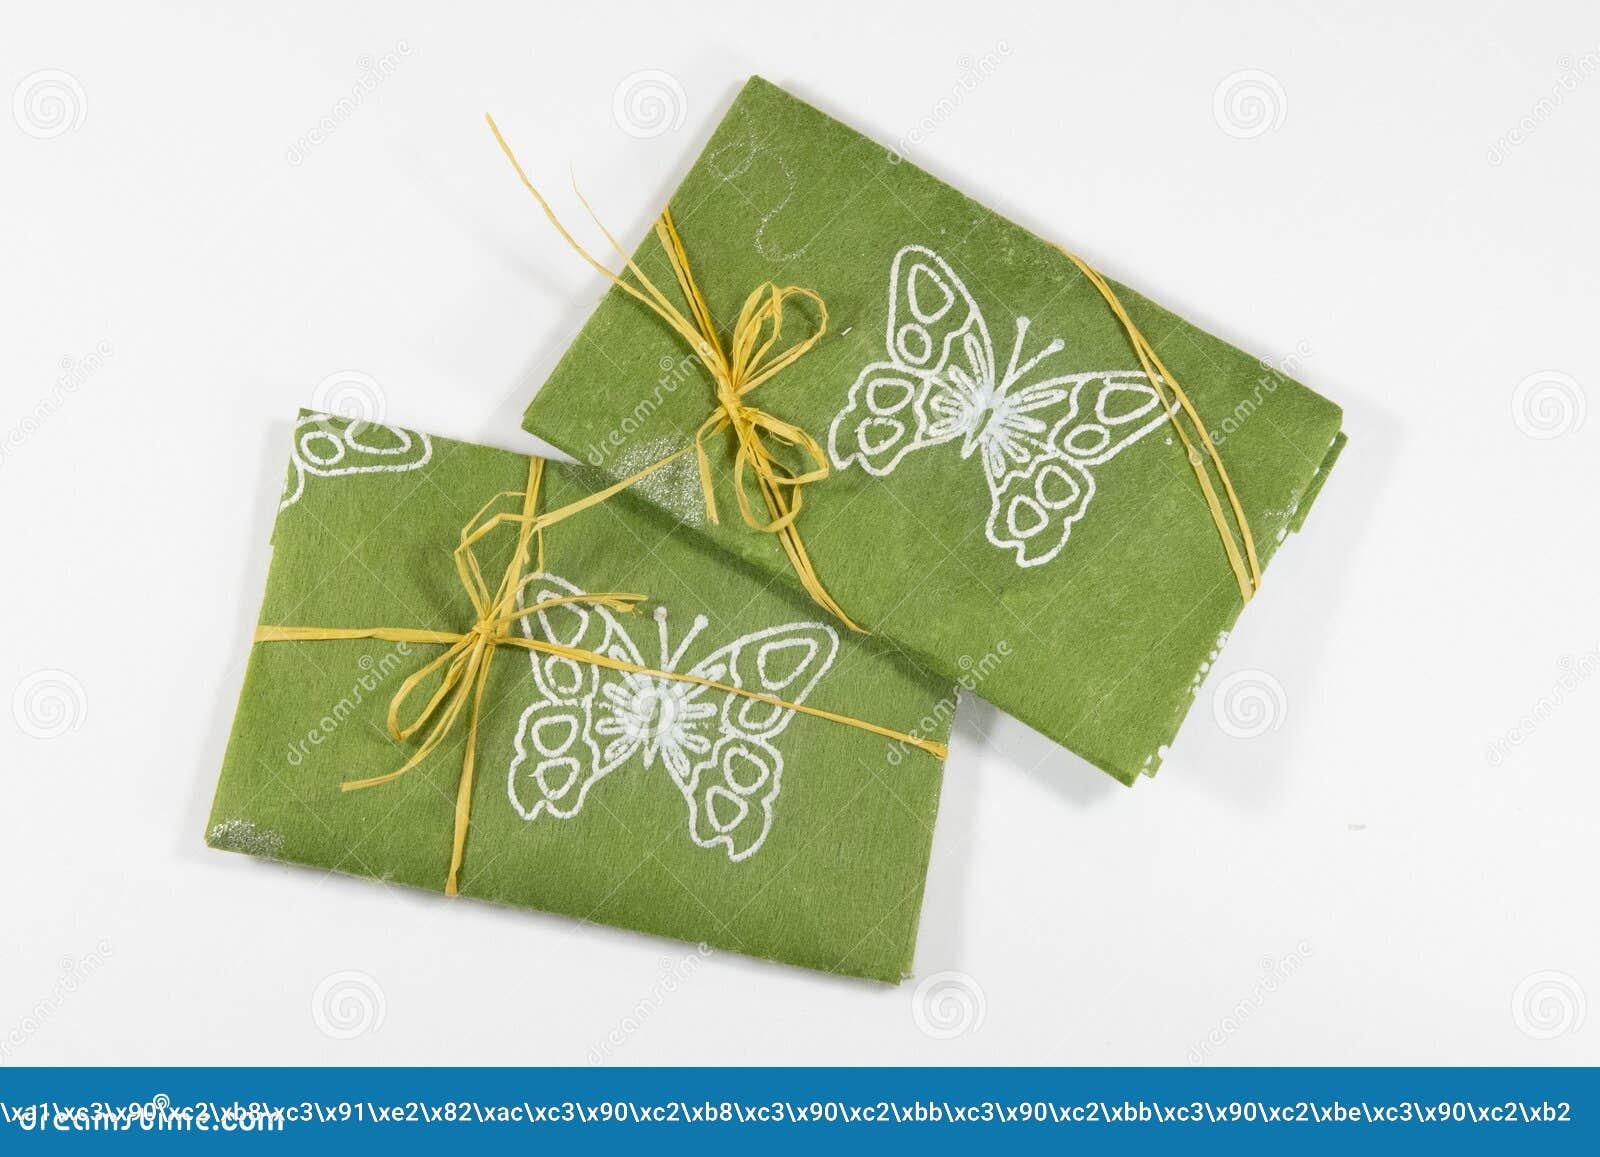 Wiosna, lato prezent w zielonym włókna Kraft papierze/,